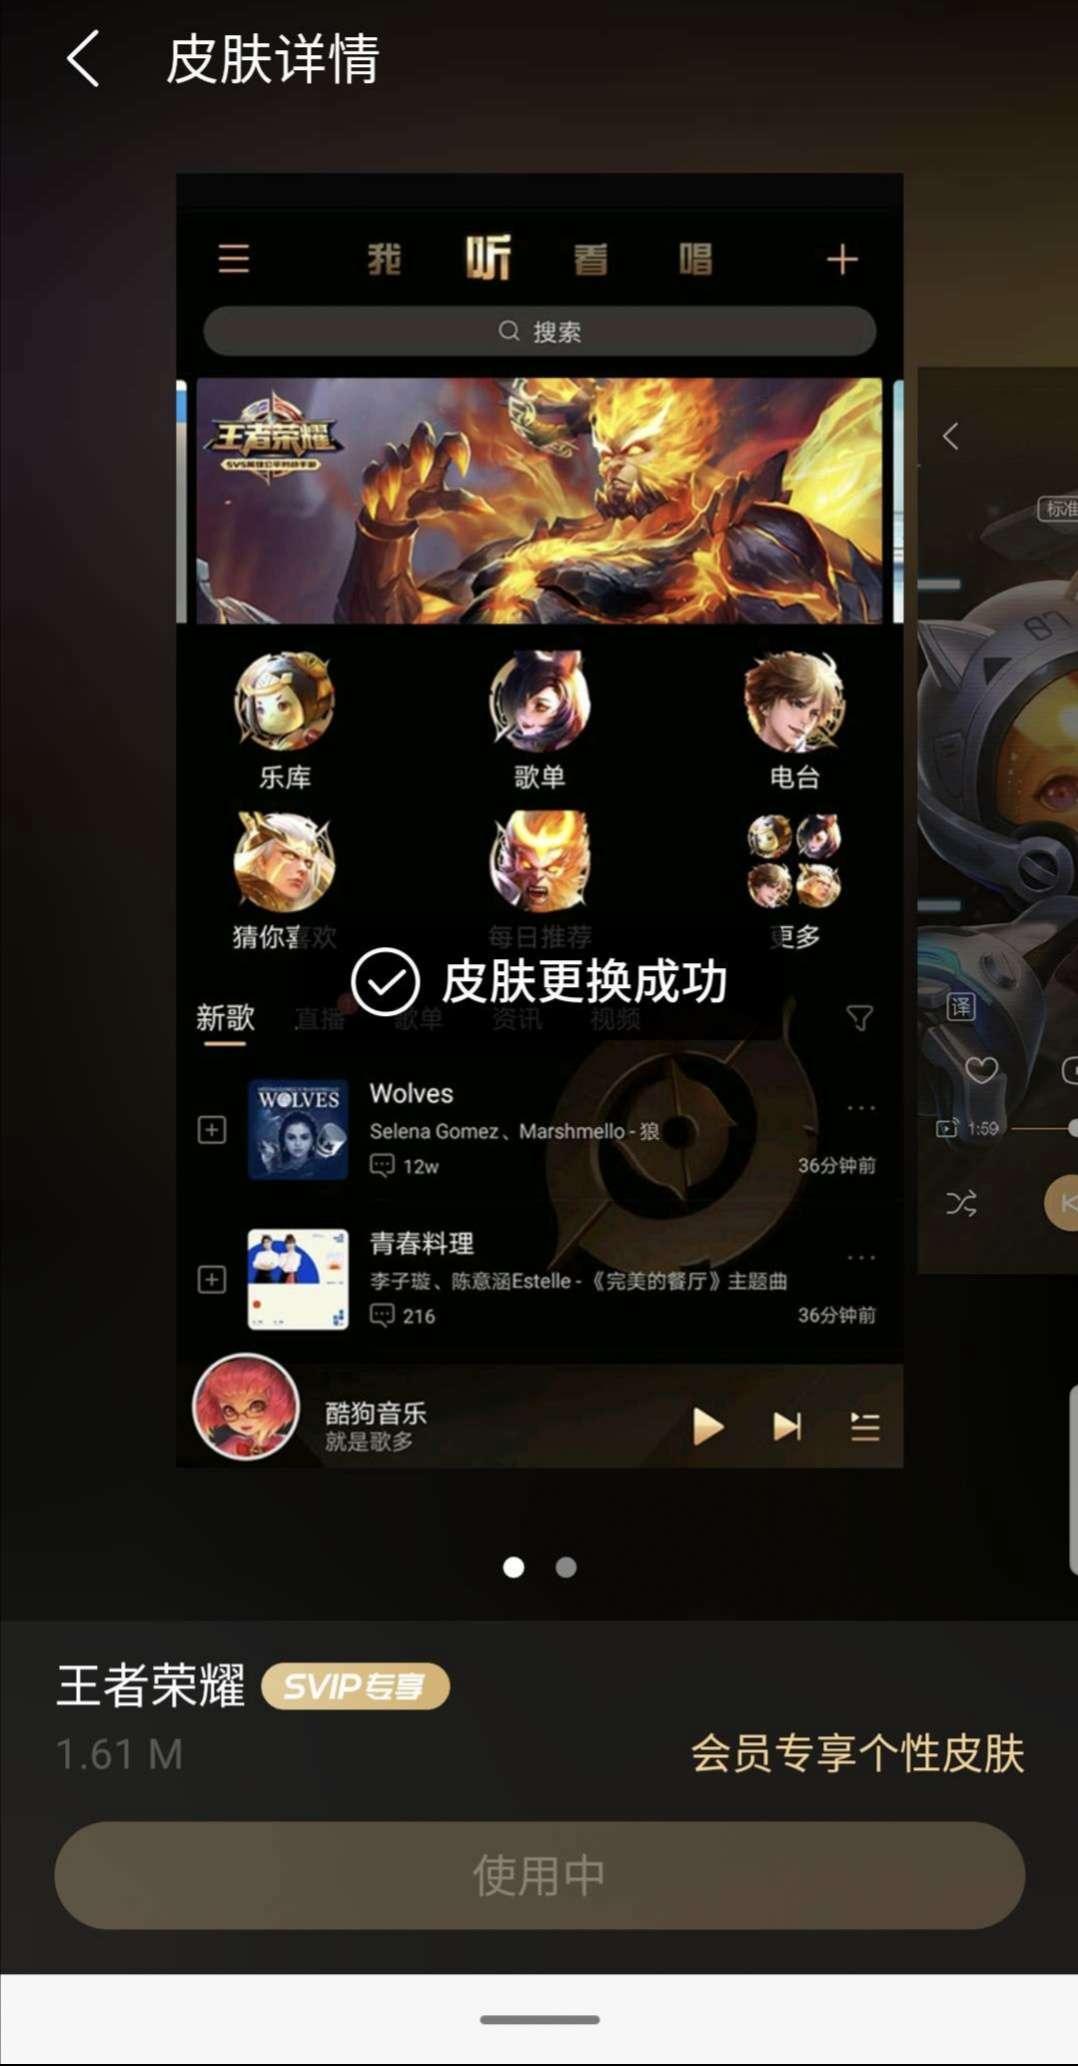 【资源分享】酷狗音乐魔改版 -9.2.0破解VIP/下载付费音-爱小助